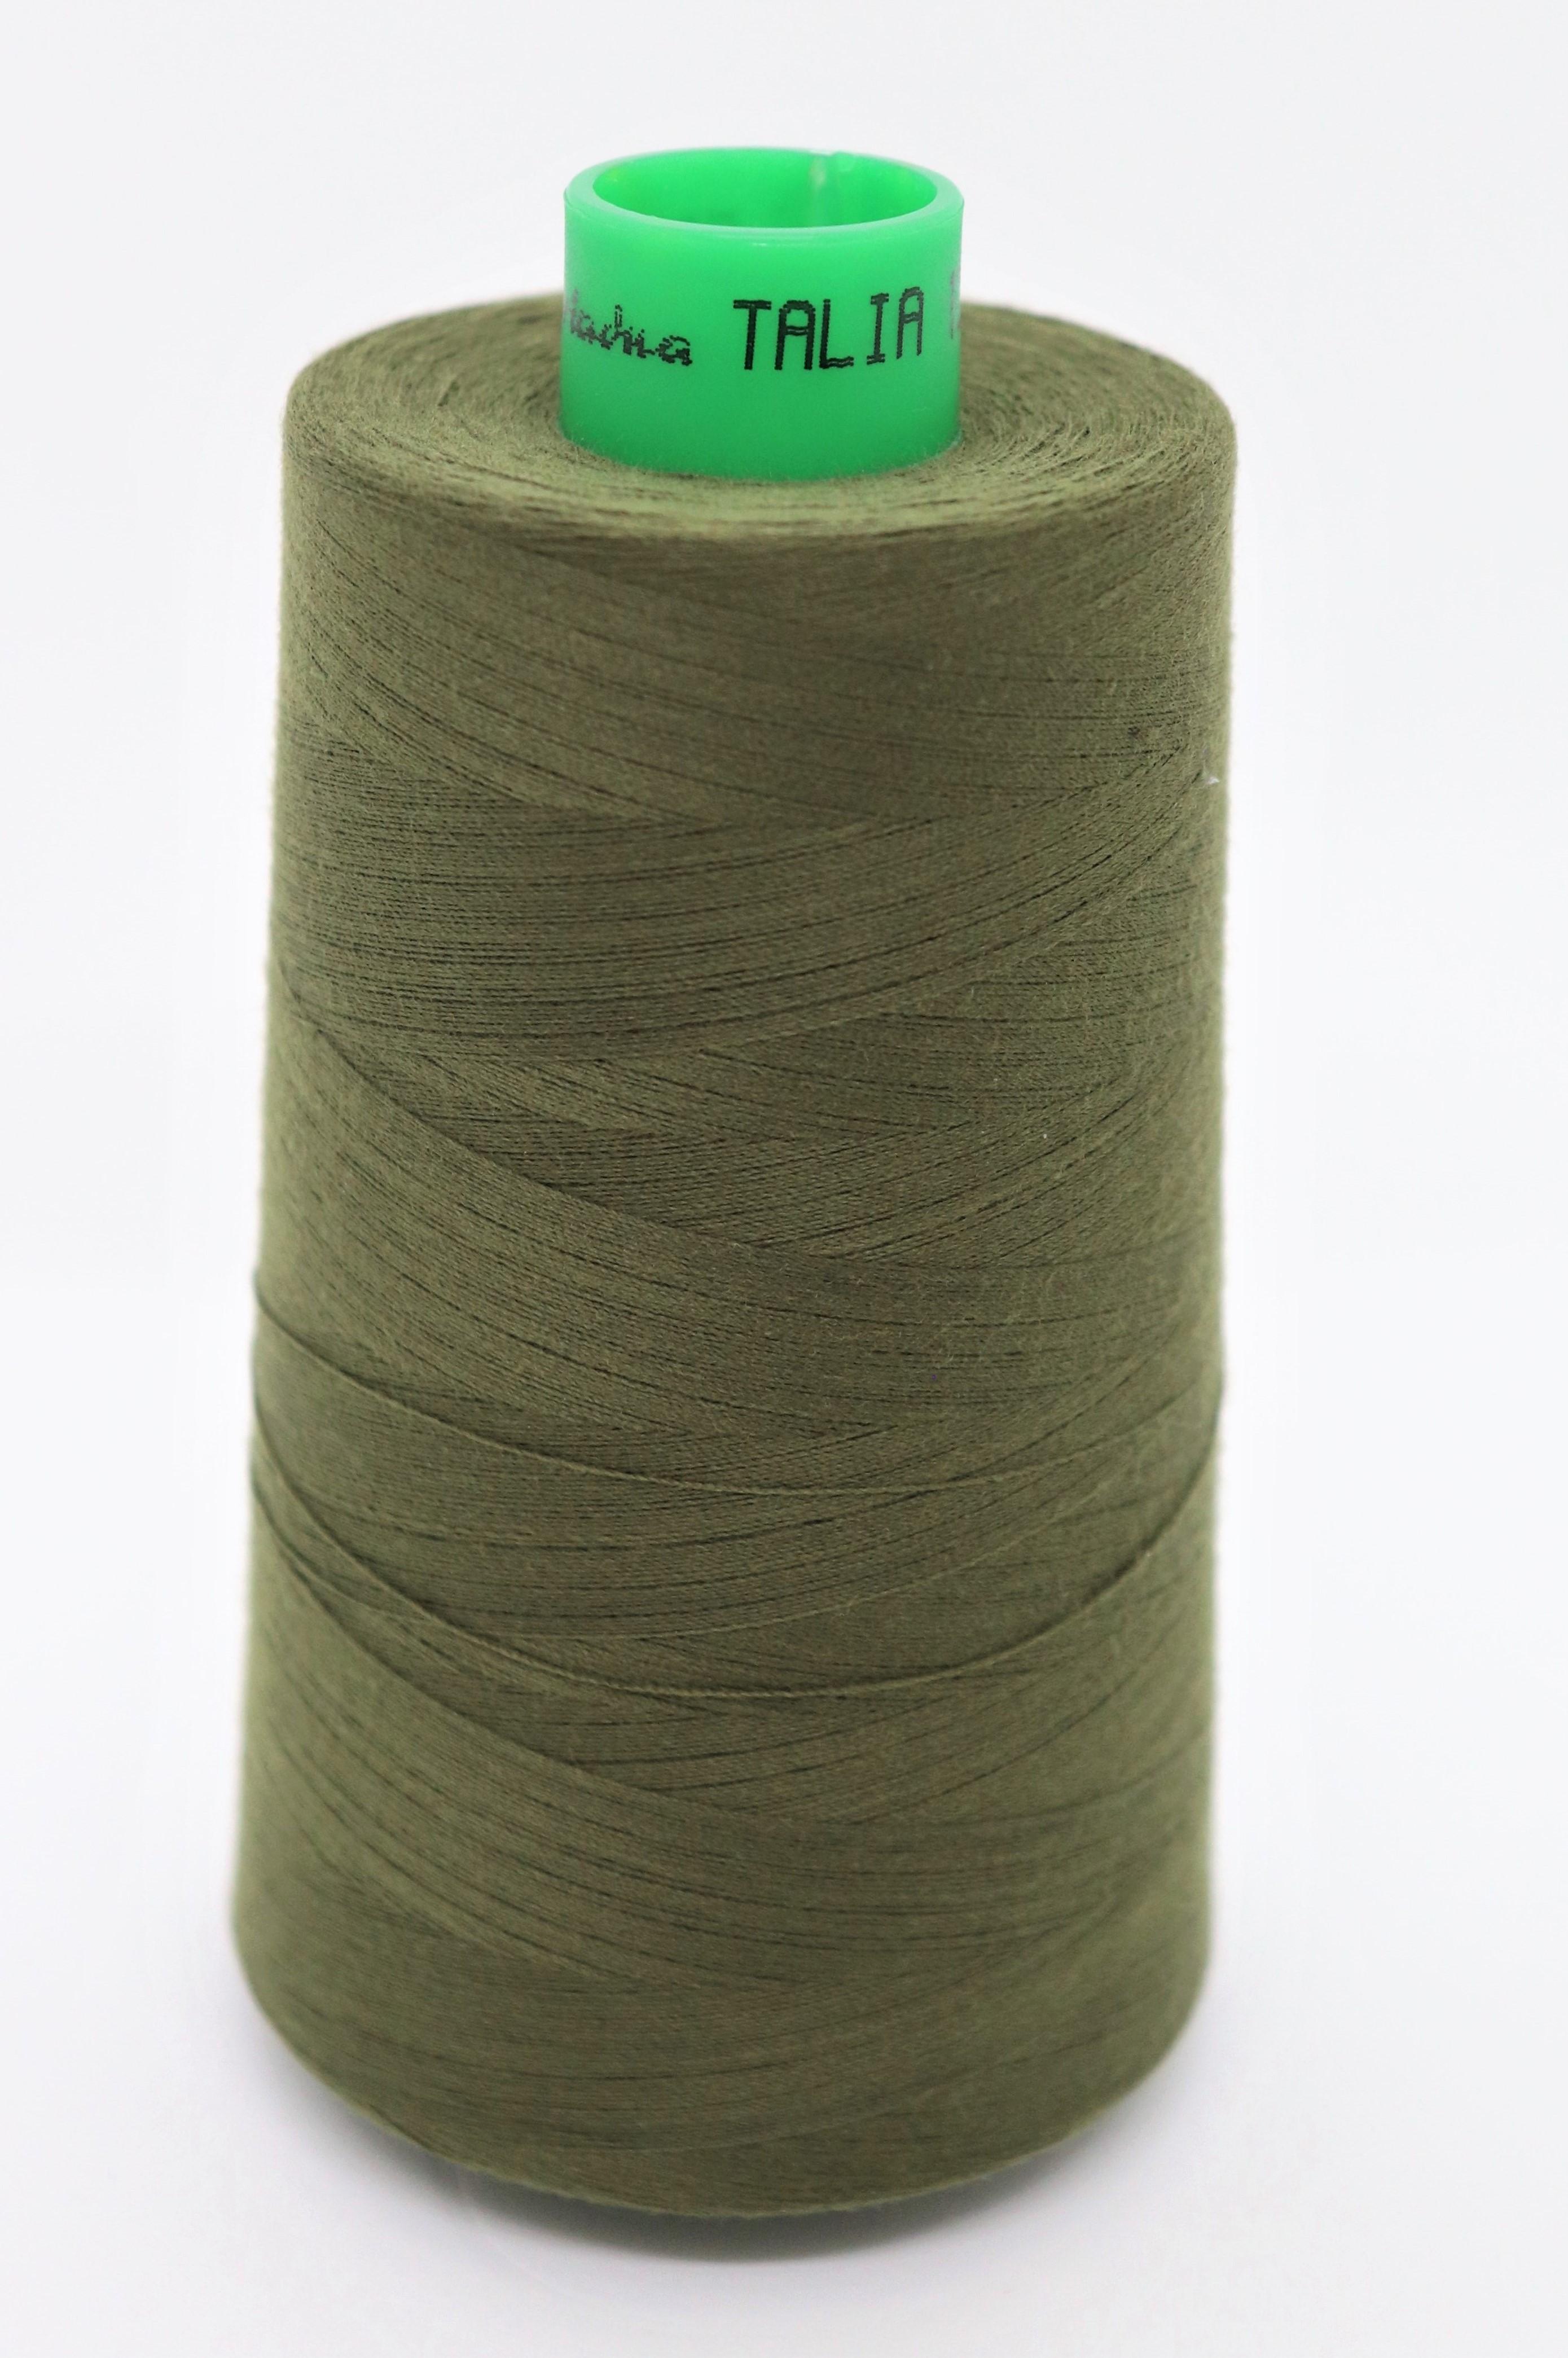 polyesterov� ni� Talia 120 - 5000m khaki barva 756 - zv�t�it obr�zek